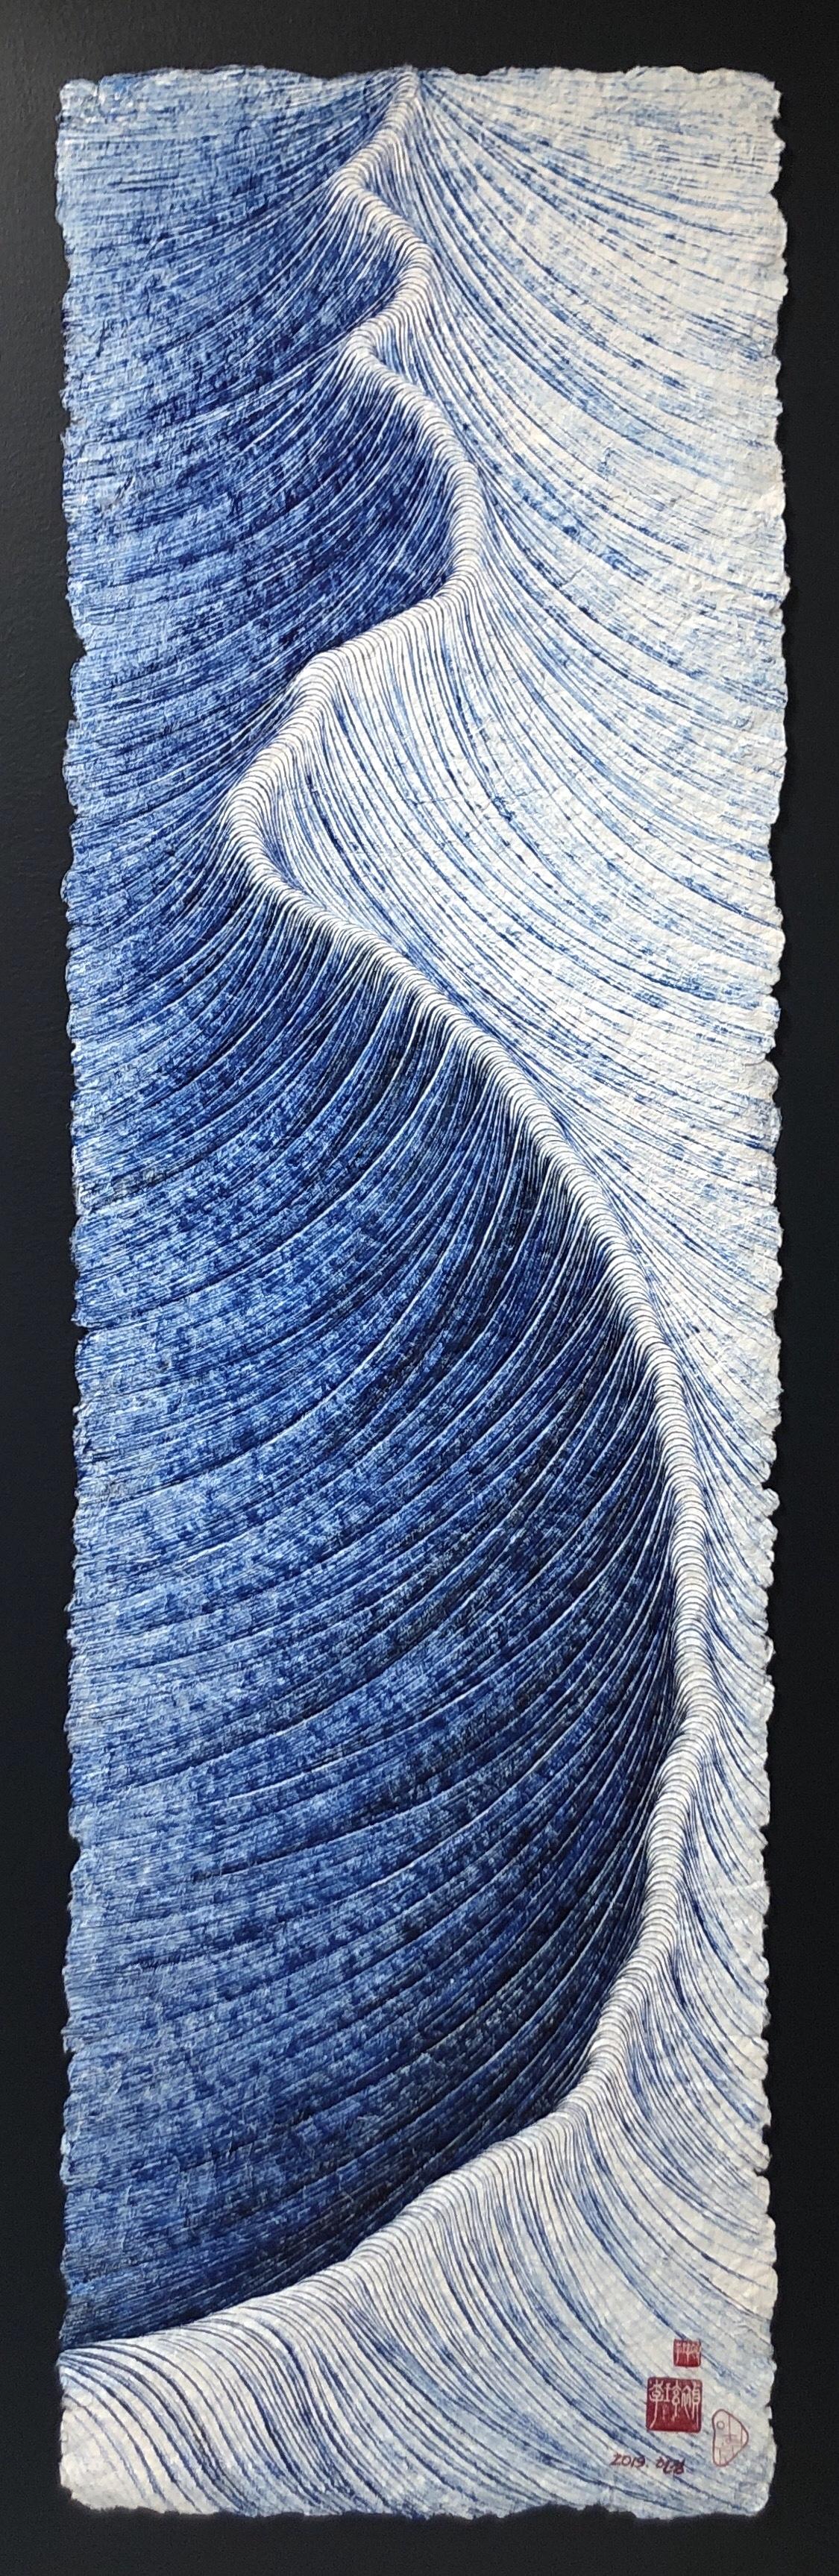 Lee Hyun-Joung - Chemin Bleu 150 x 50 cm